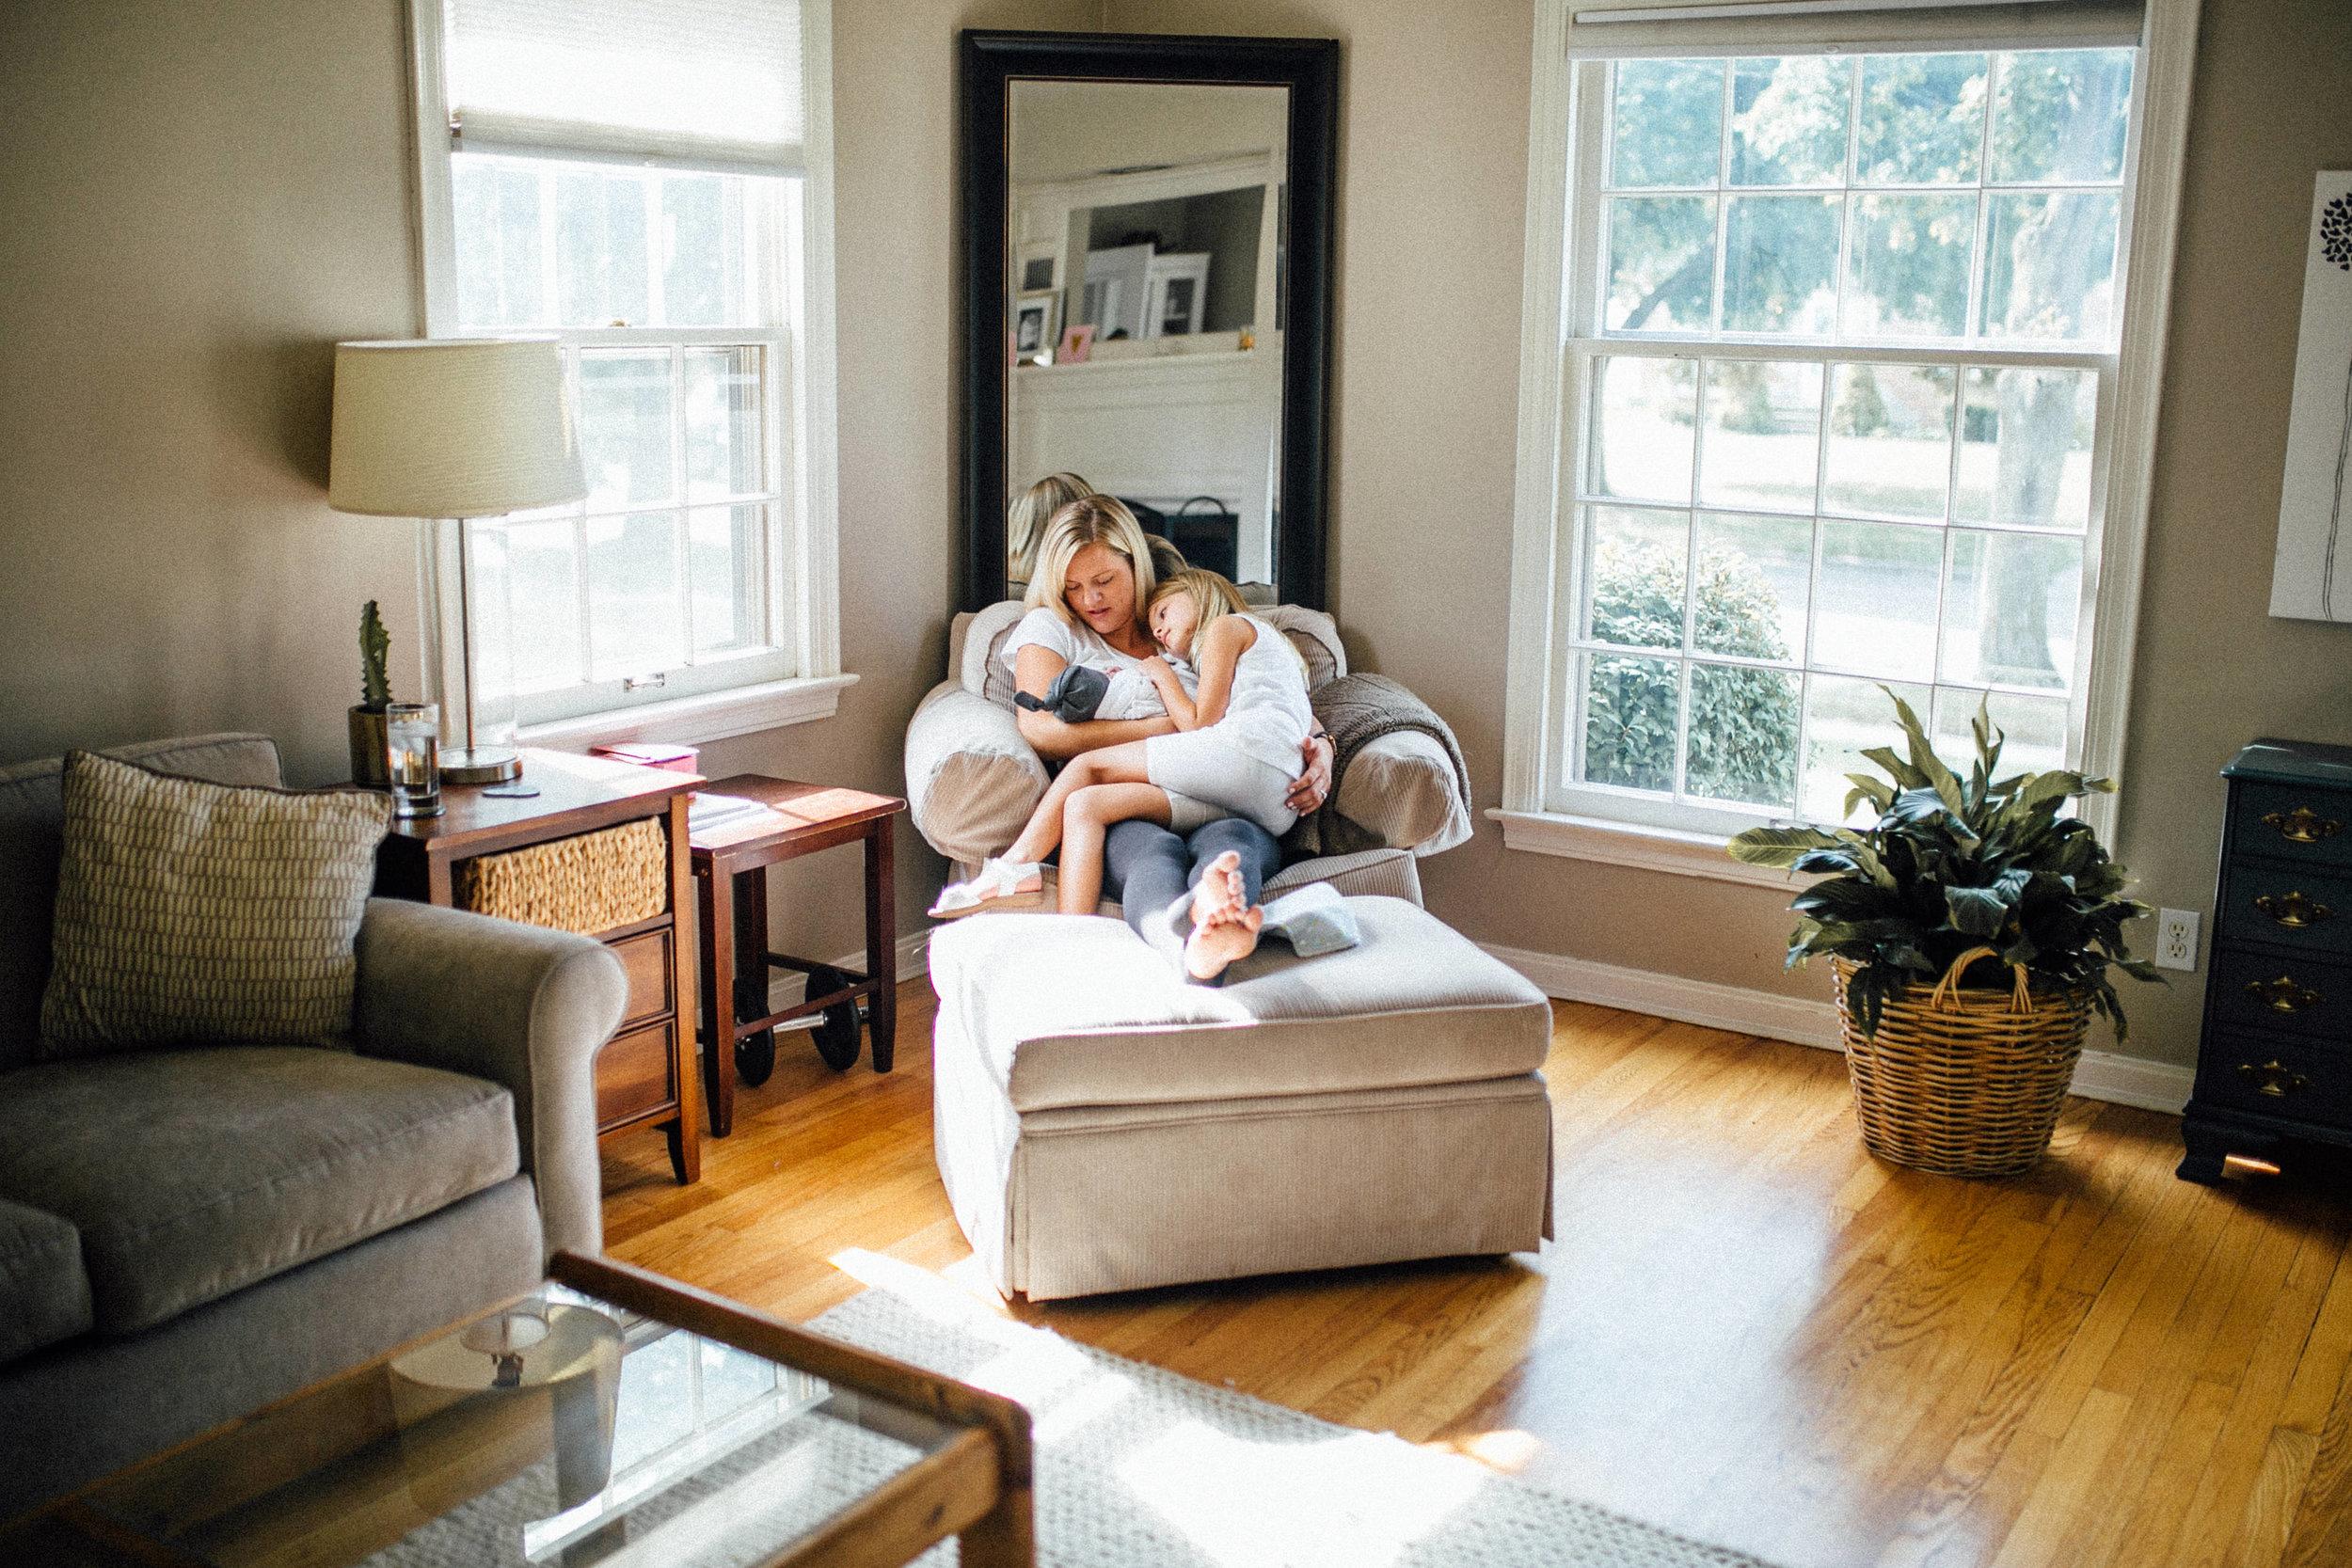 Schueller-Newborn-Grand-Rapids-Family-Photographer-4400.jpg